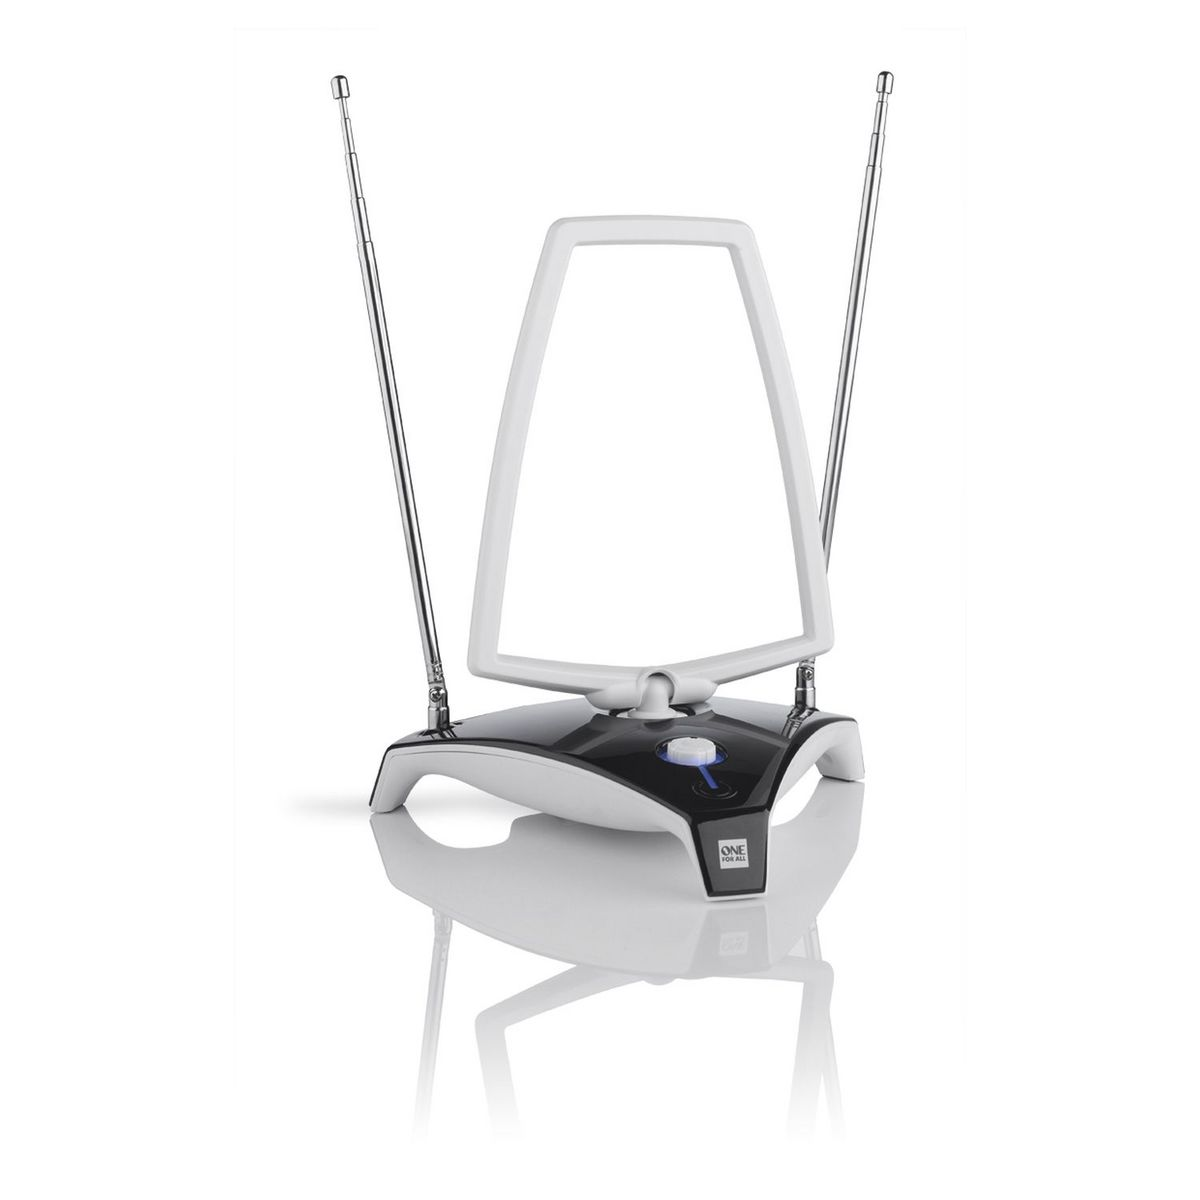 Antenne TV d'intérieur - Blanc/Noir - SV 9360